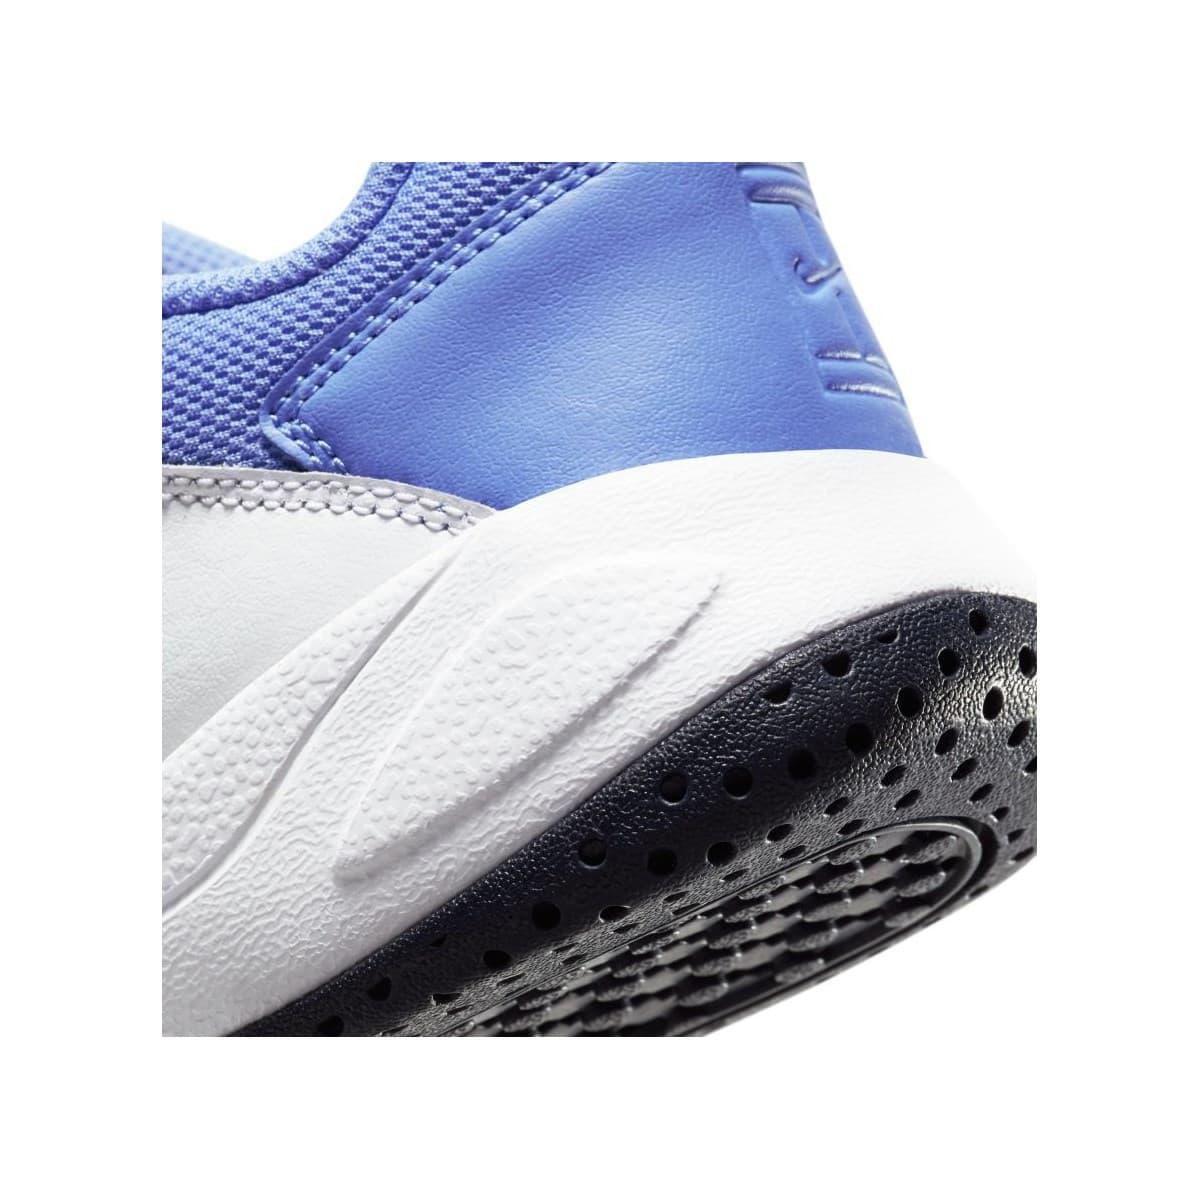 Court Lite 2 Erkek Beyaz & Mor Tenis Ayakkabısı